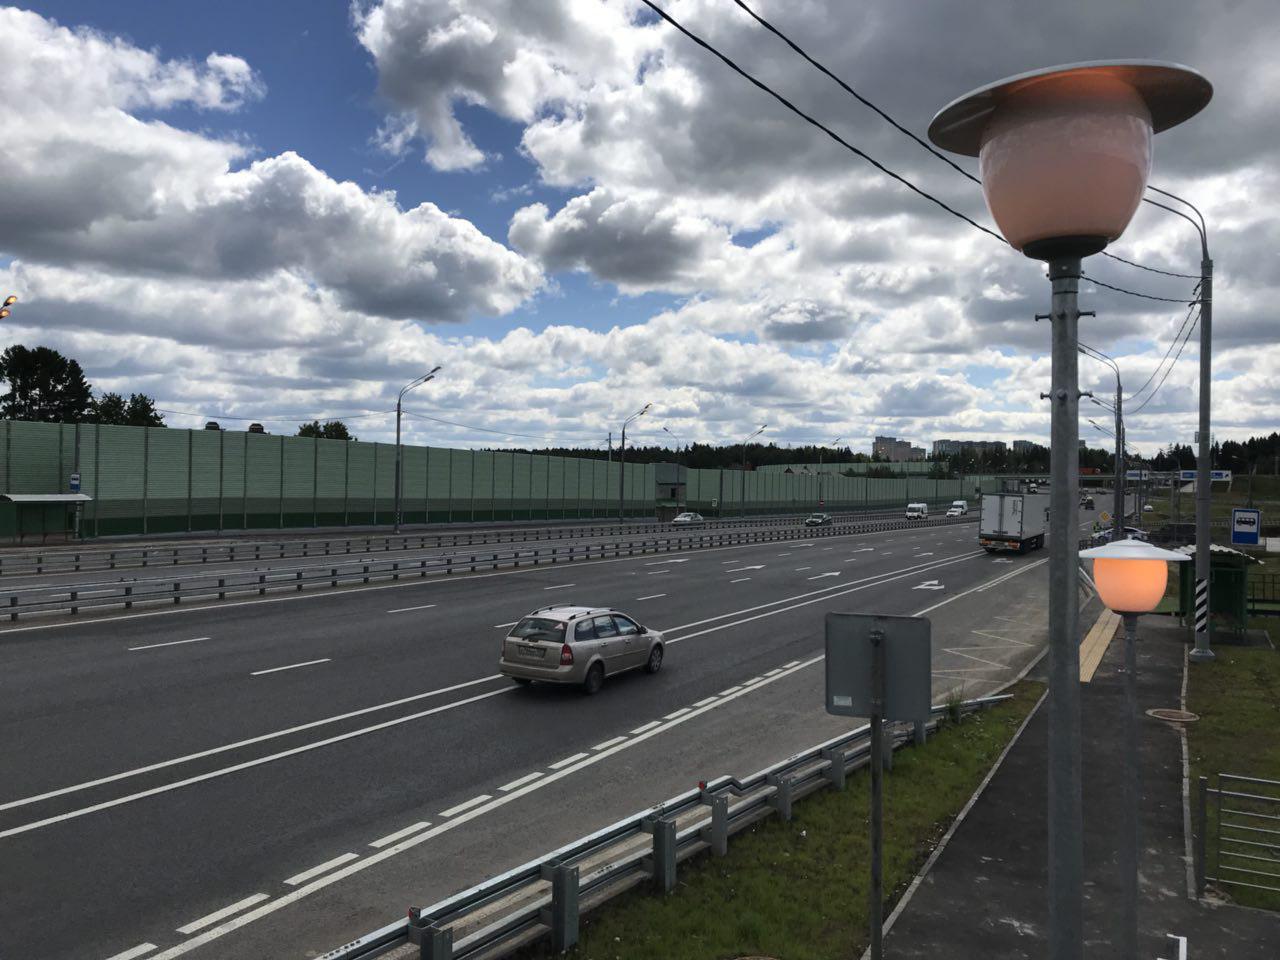 Счастливая развязка: участок на Дмитровском шоссе открыли после реконструкции